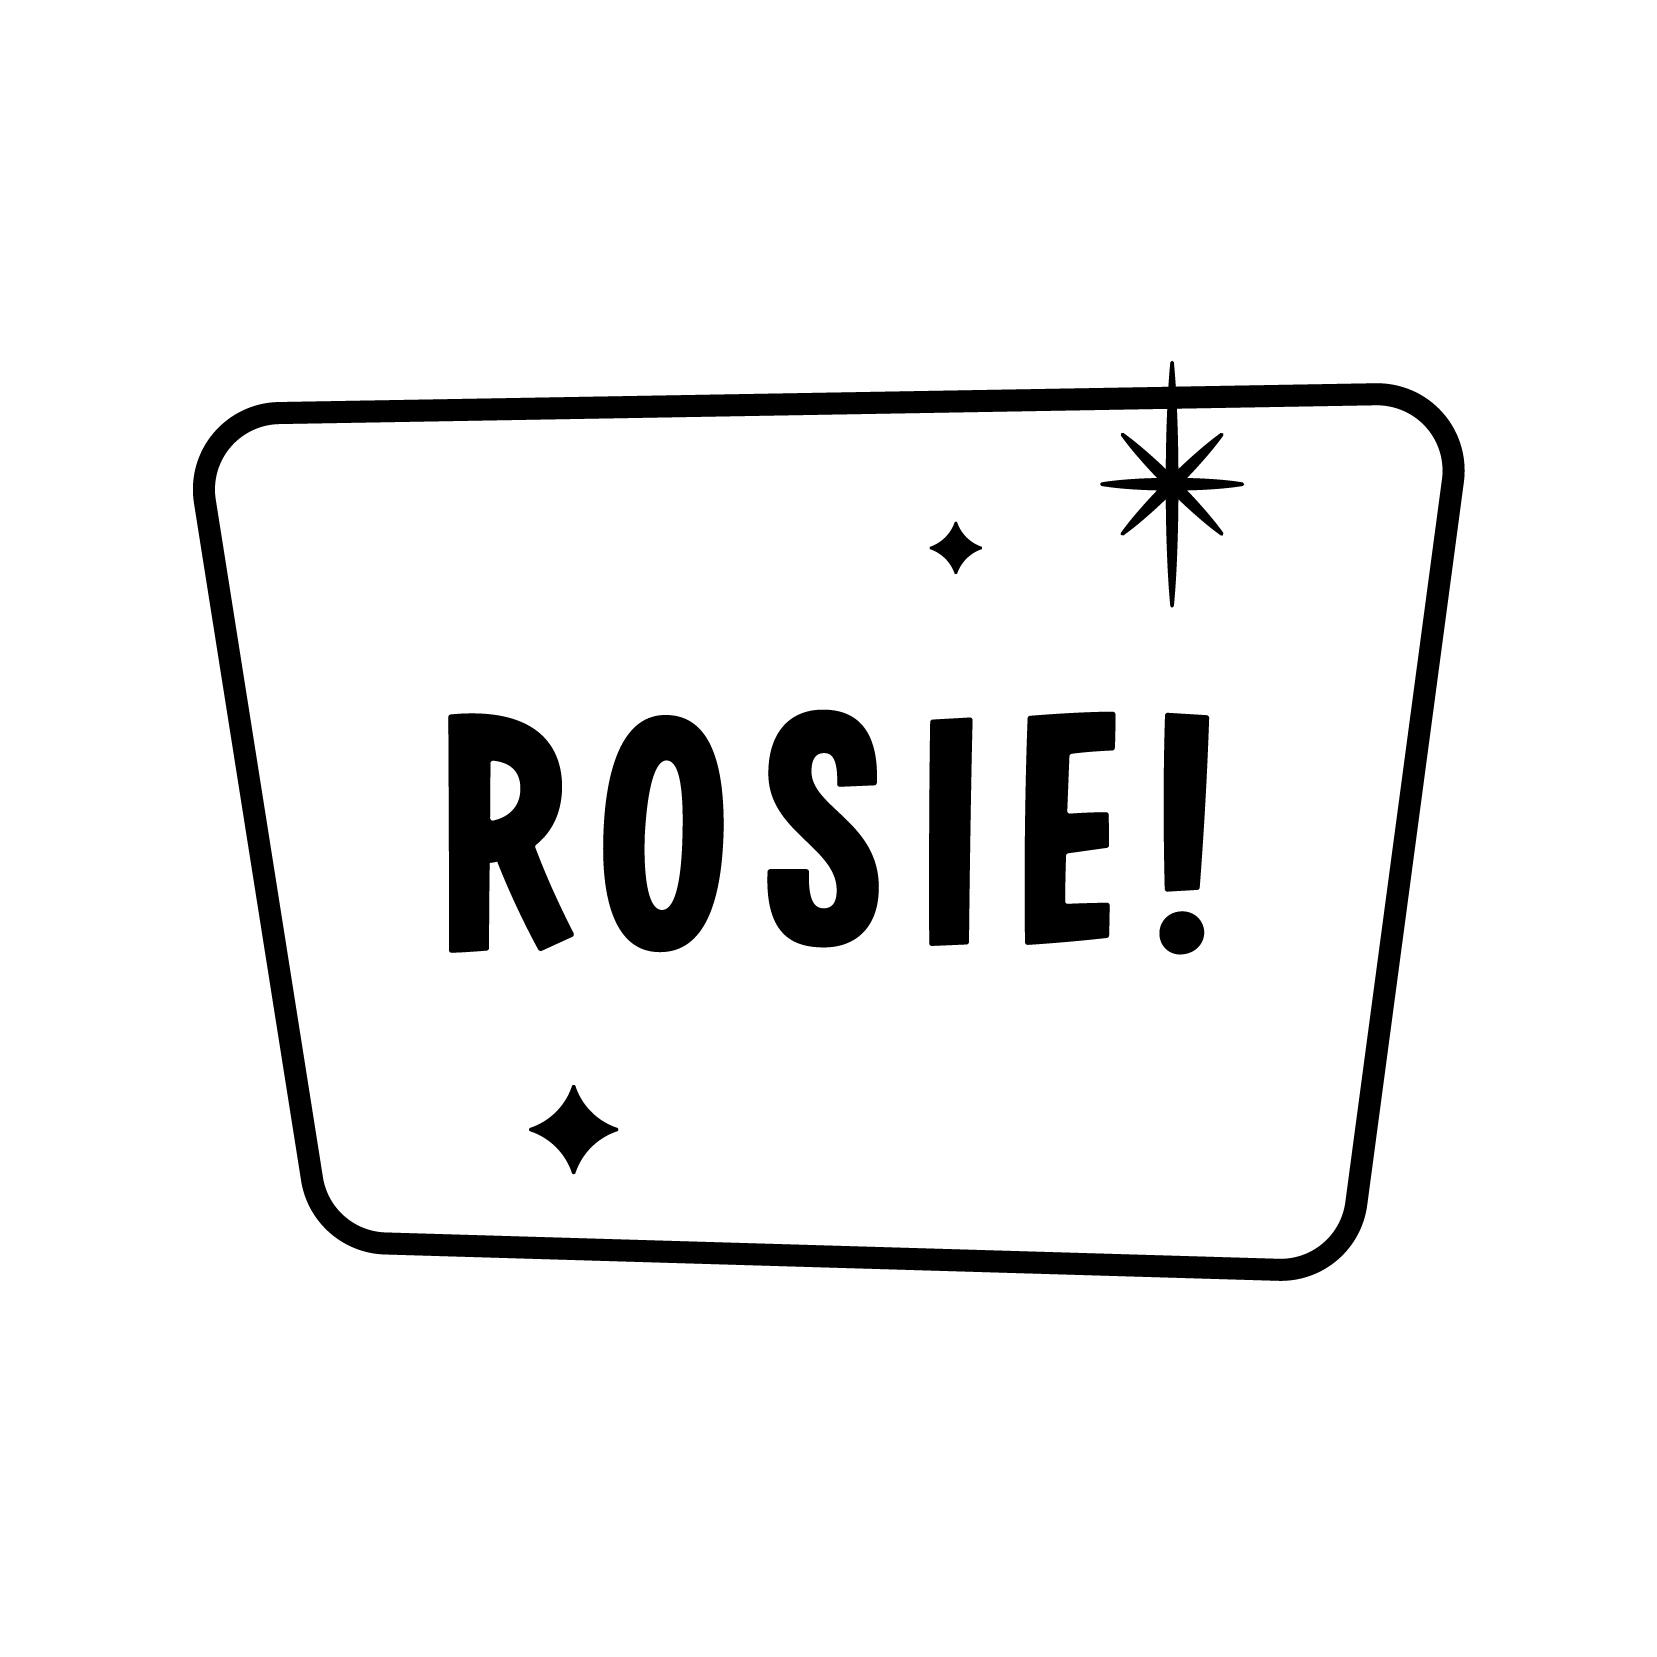 FOP_Rosie_Black.jpg